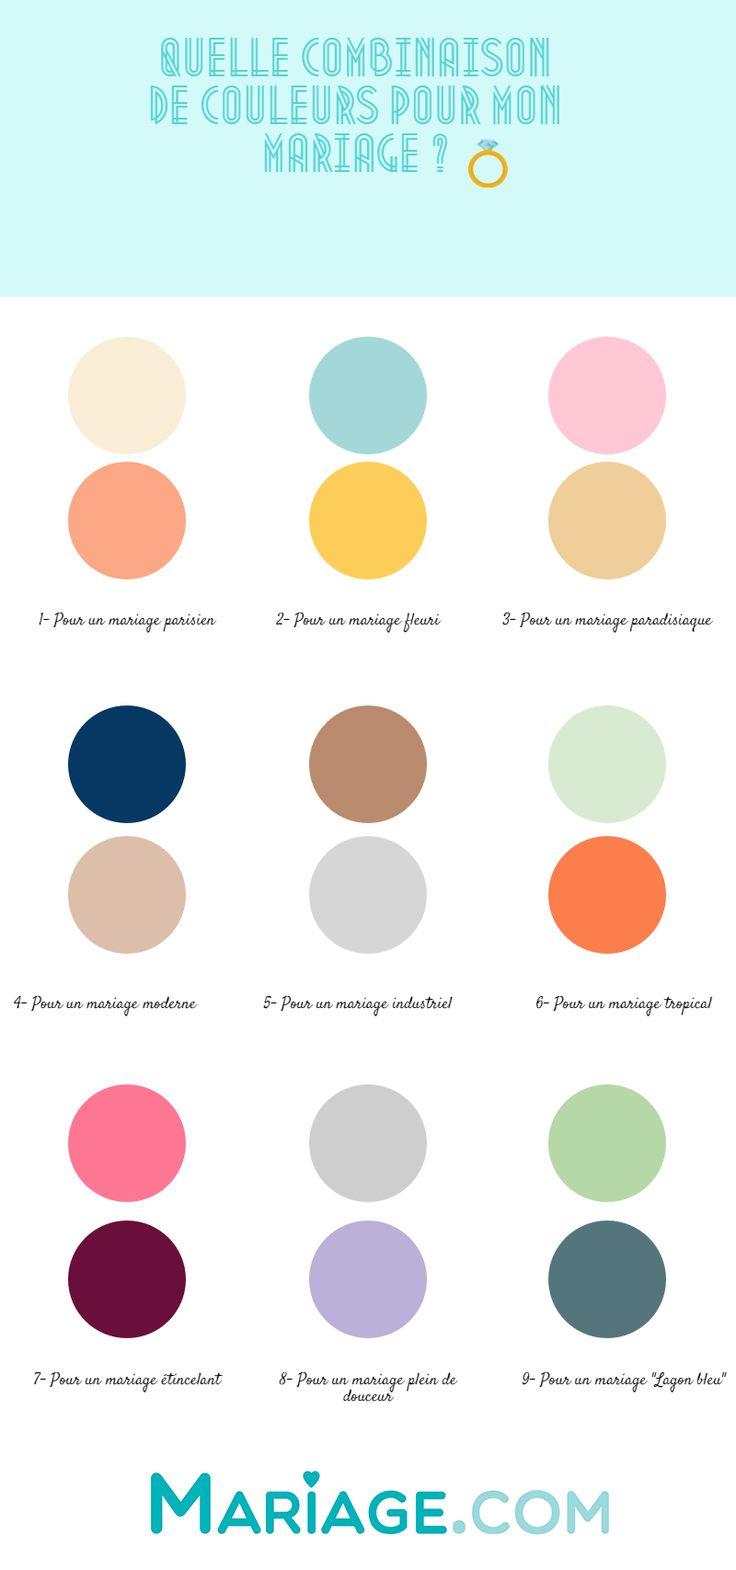 Choisir les couleurs de sonmariage, ce n'est pas une mince affaire ! Turquoise et jaune, or et argent ou encore cuivre et pêche, vous...